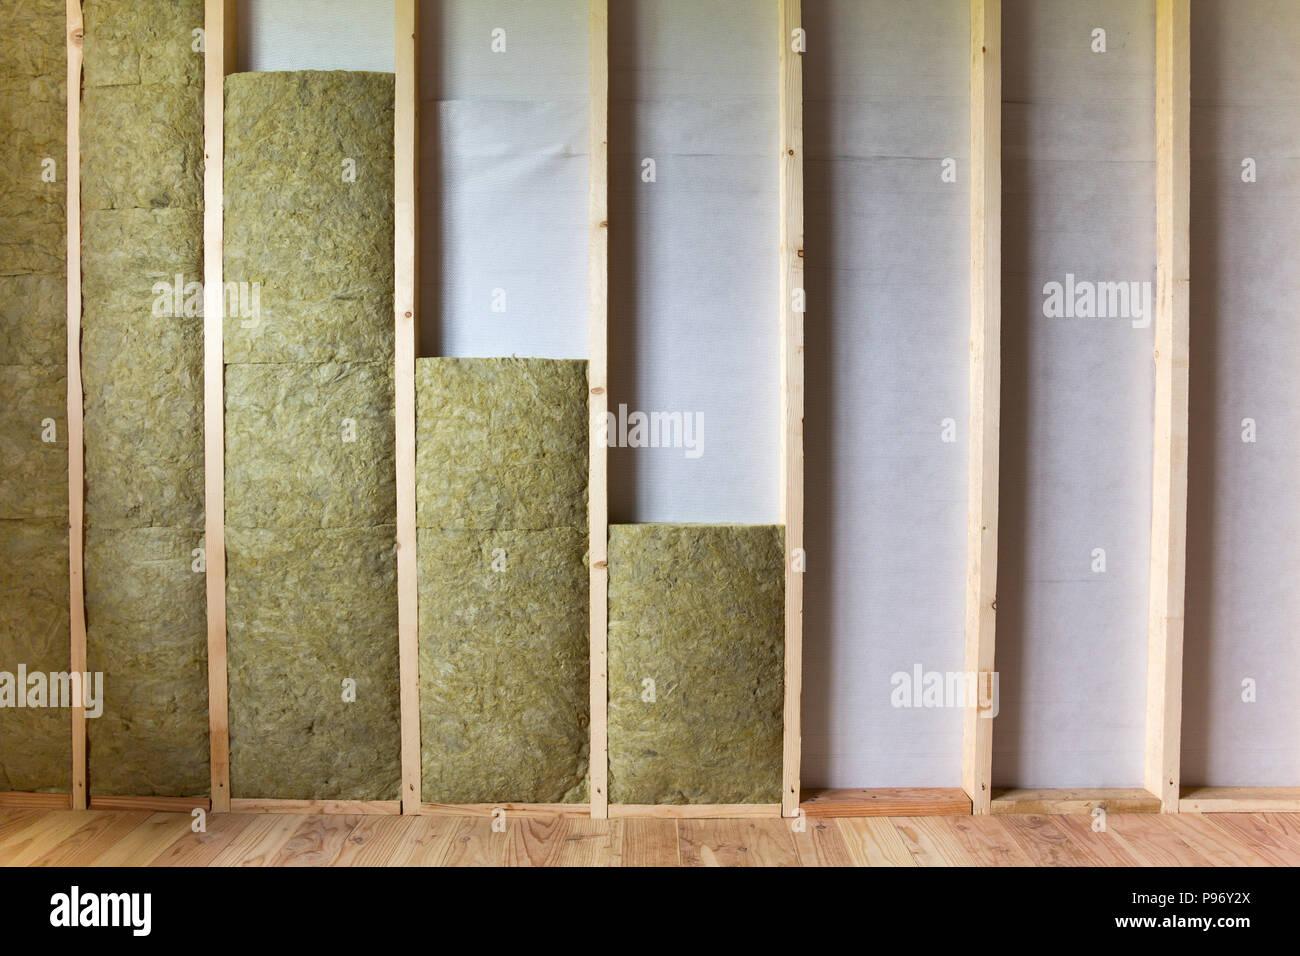 Holzrahmen für zukünftige Wände mit Steinwolle und Fiberglas ...